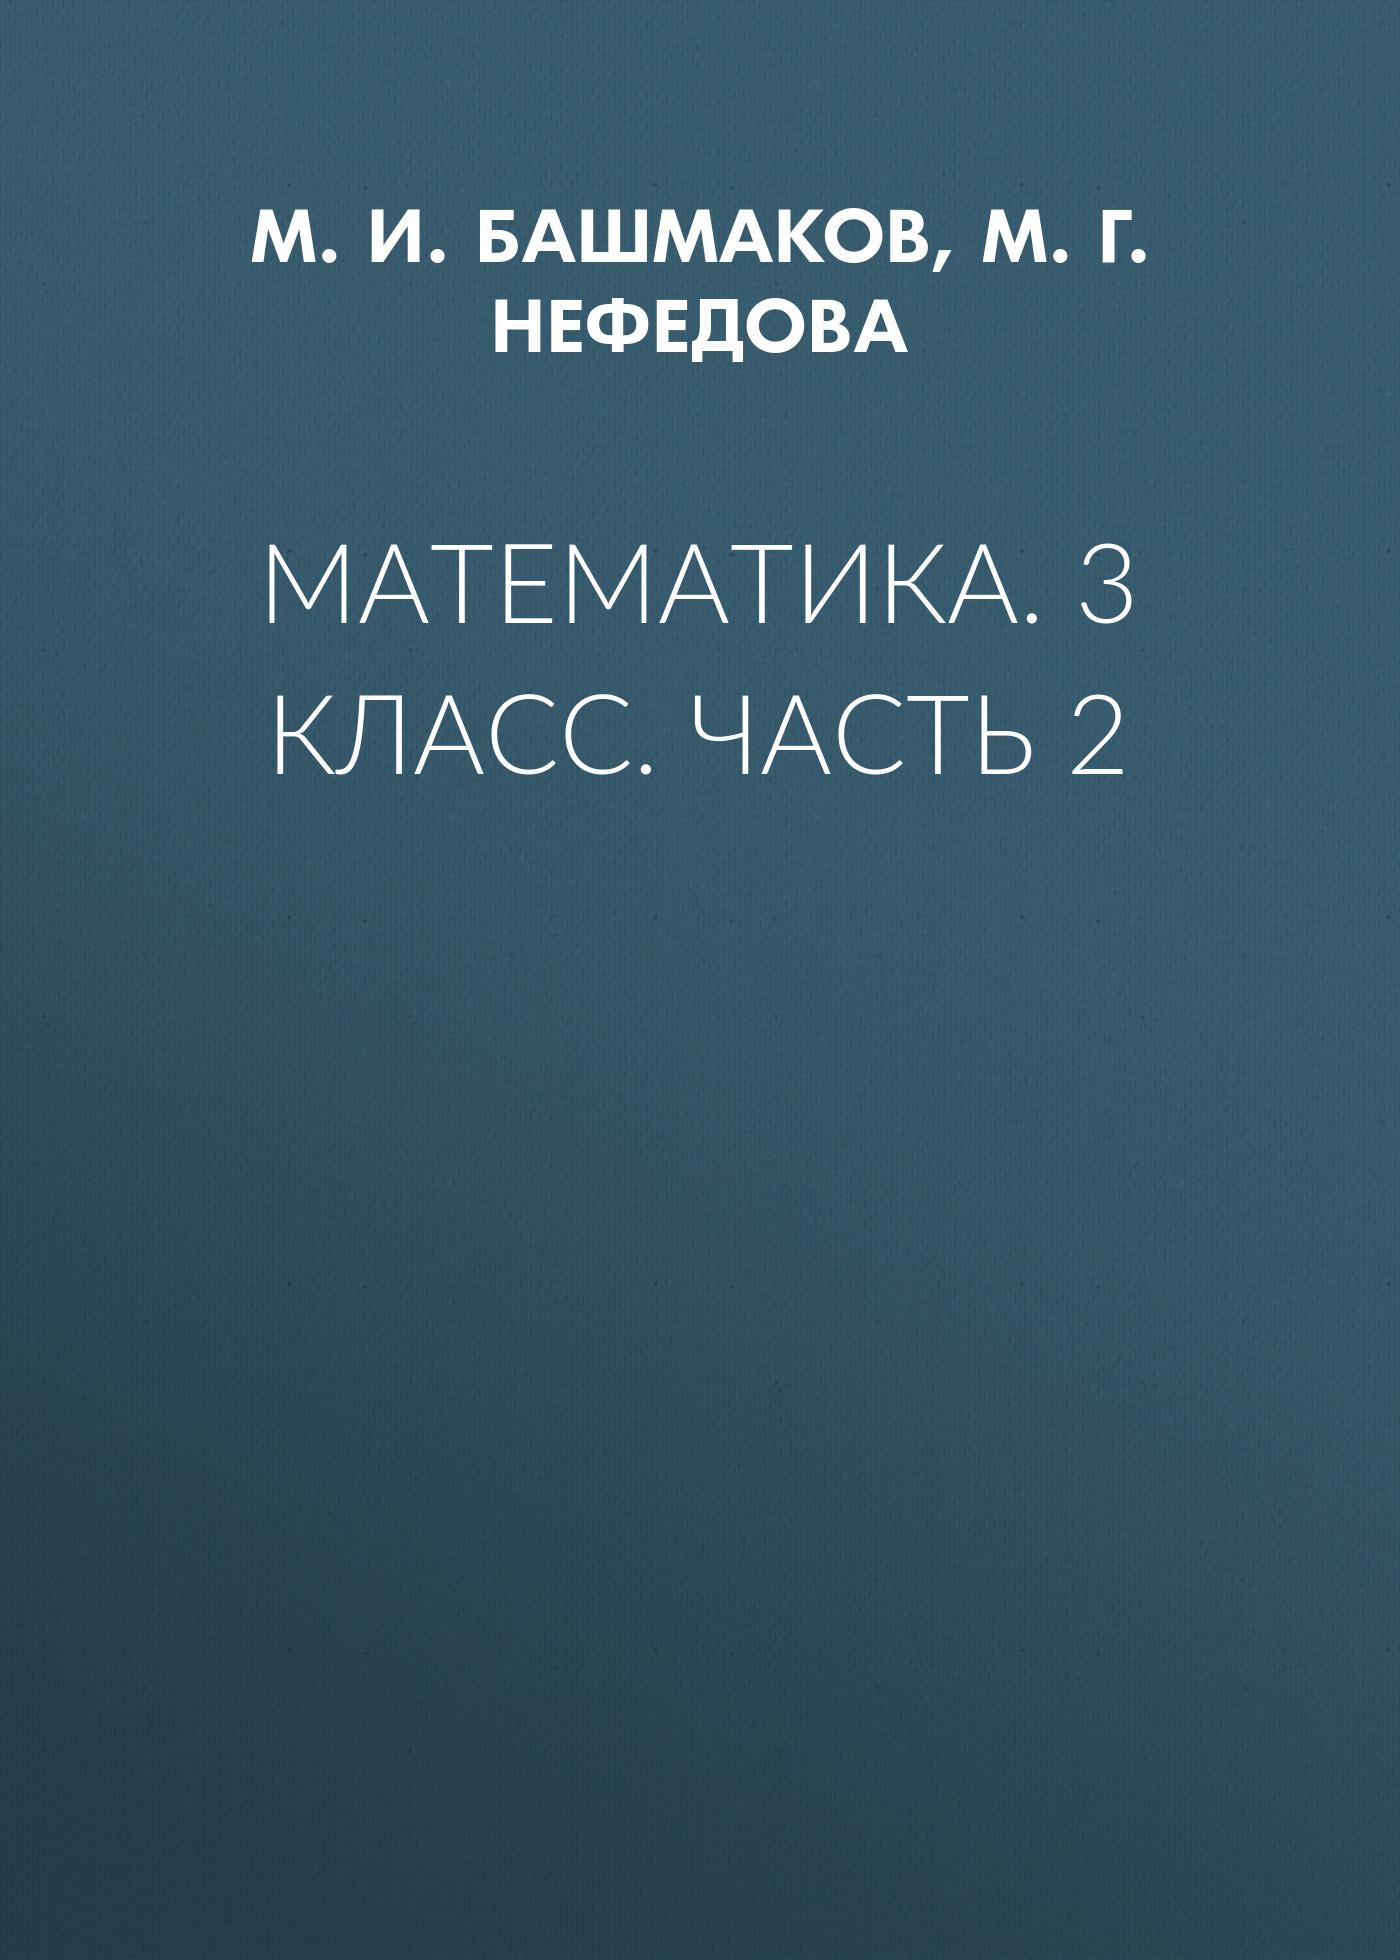 М. И. Башмаков Математика. 3 класс. Часть 2 башмаков м нефедова м математика 4 класс учебник часть 2 фгос